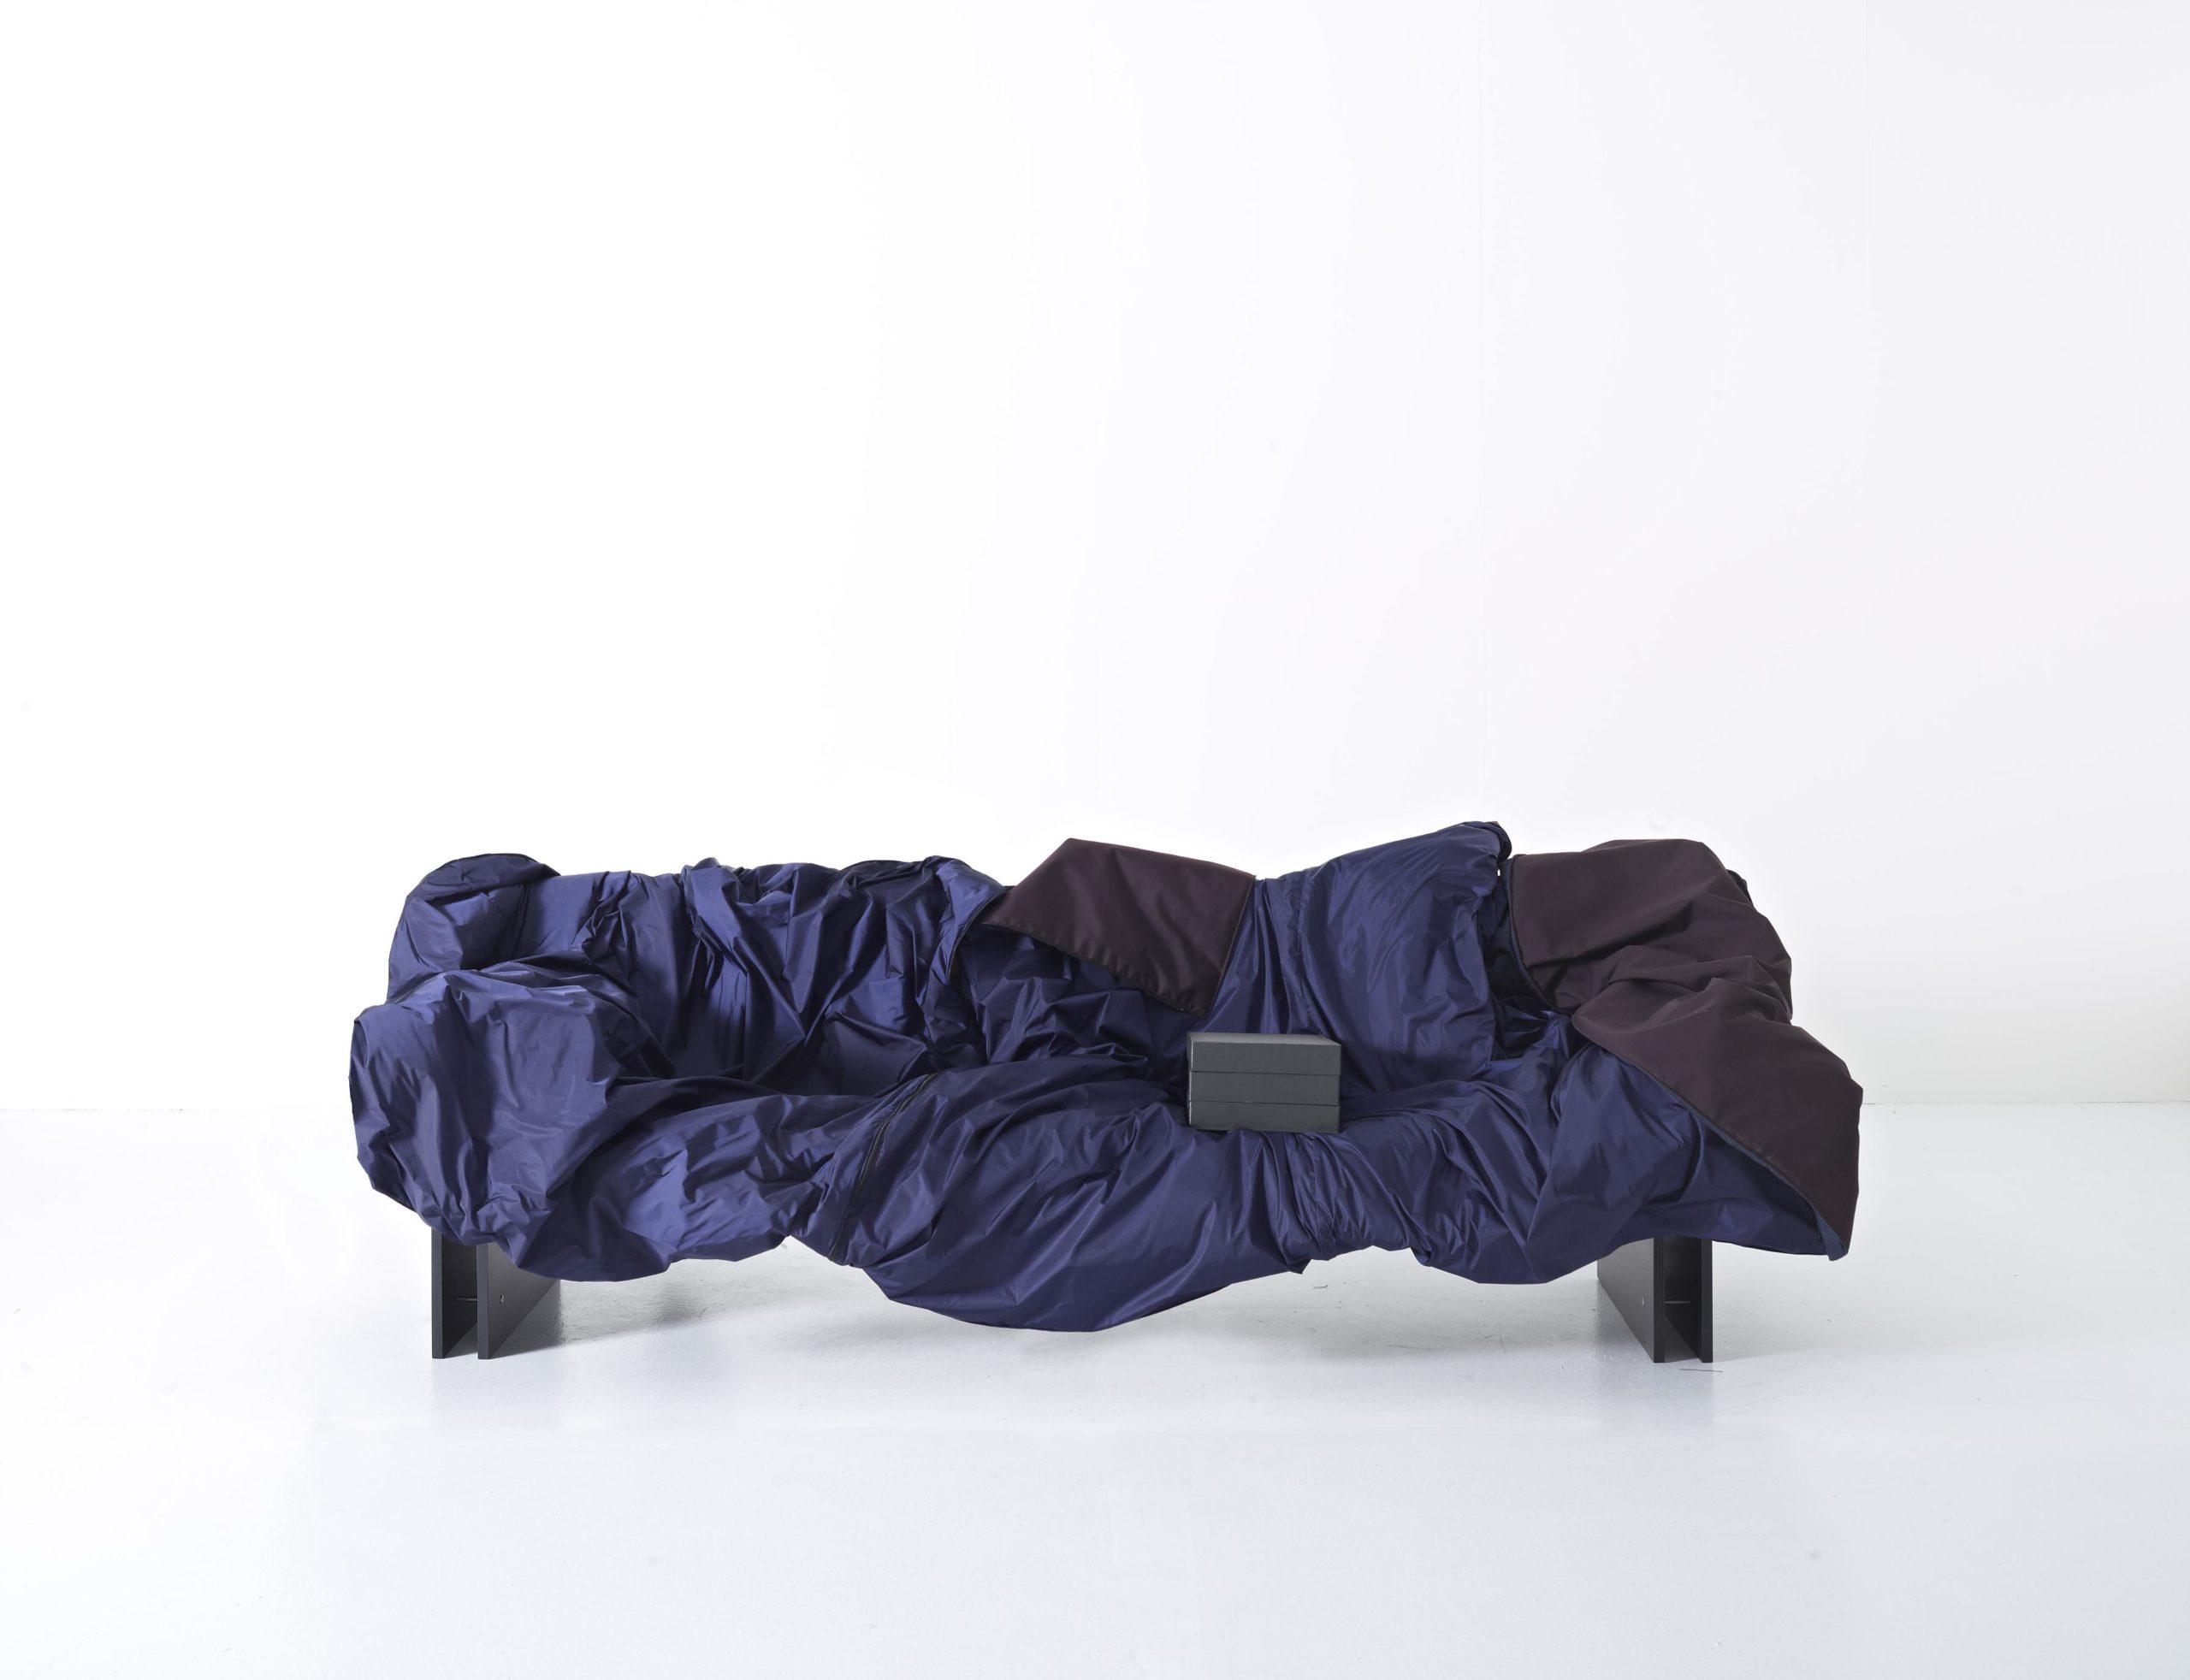 arflex KNP, Jean Nouvel Design